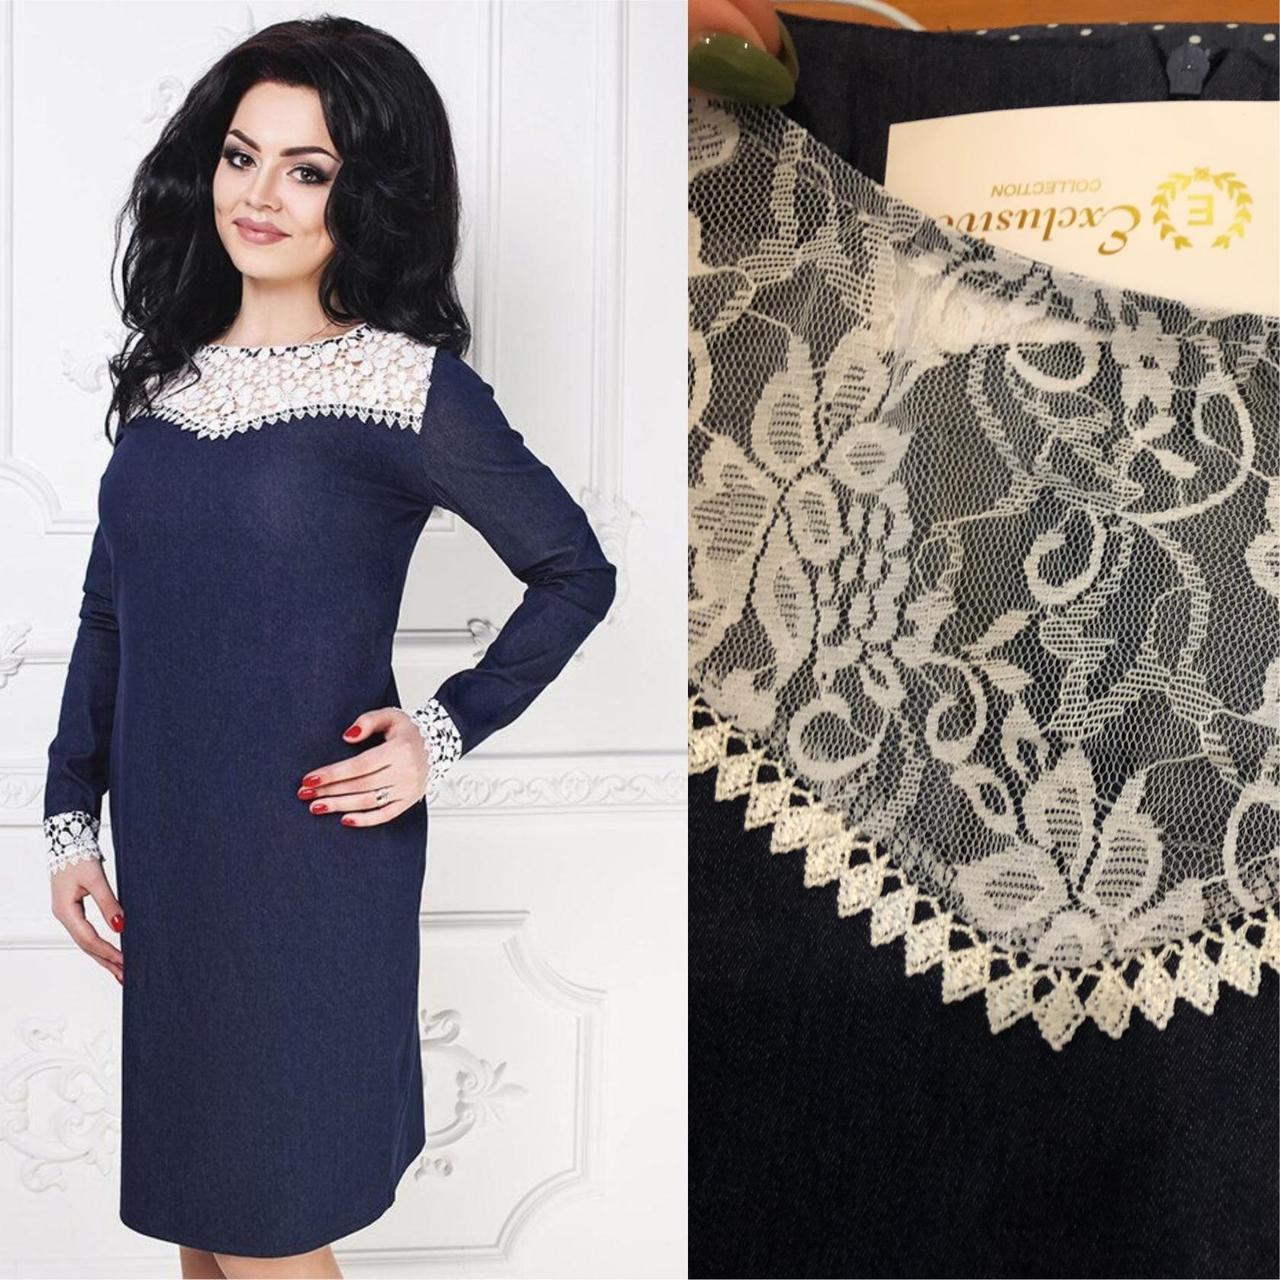 """Элегантное женское платье ткань """"Джинс стрейч-коттон"""" размер 50 размер батал"""